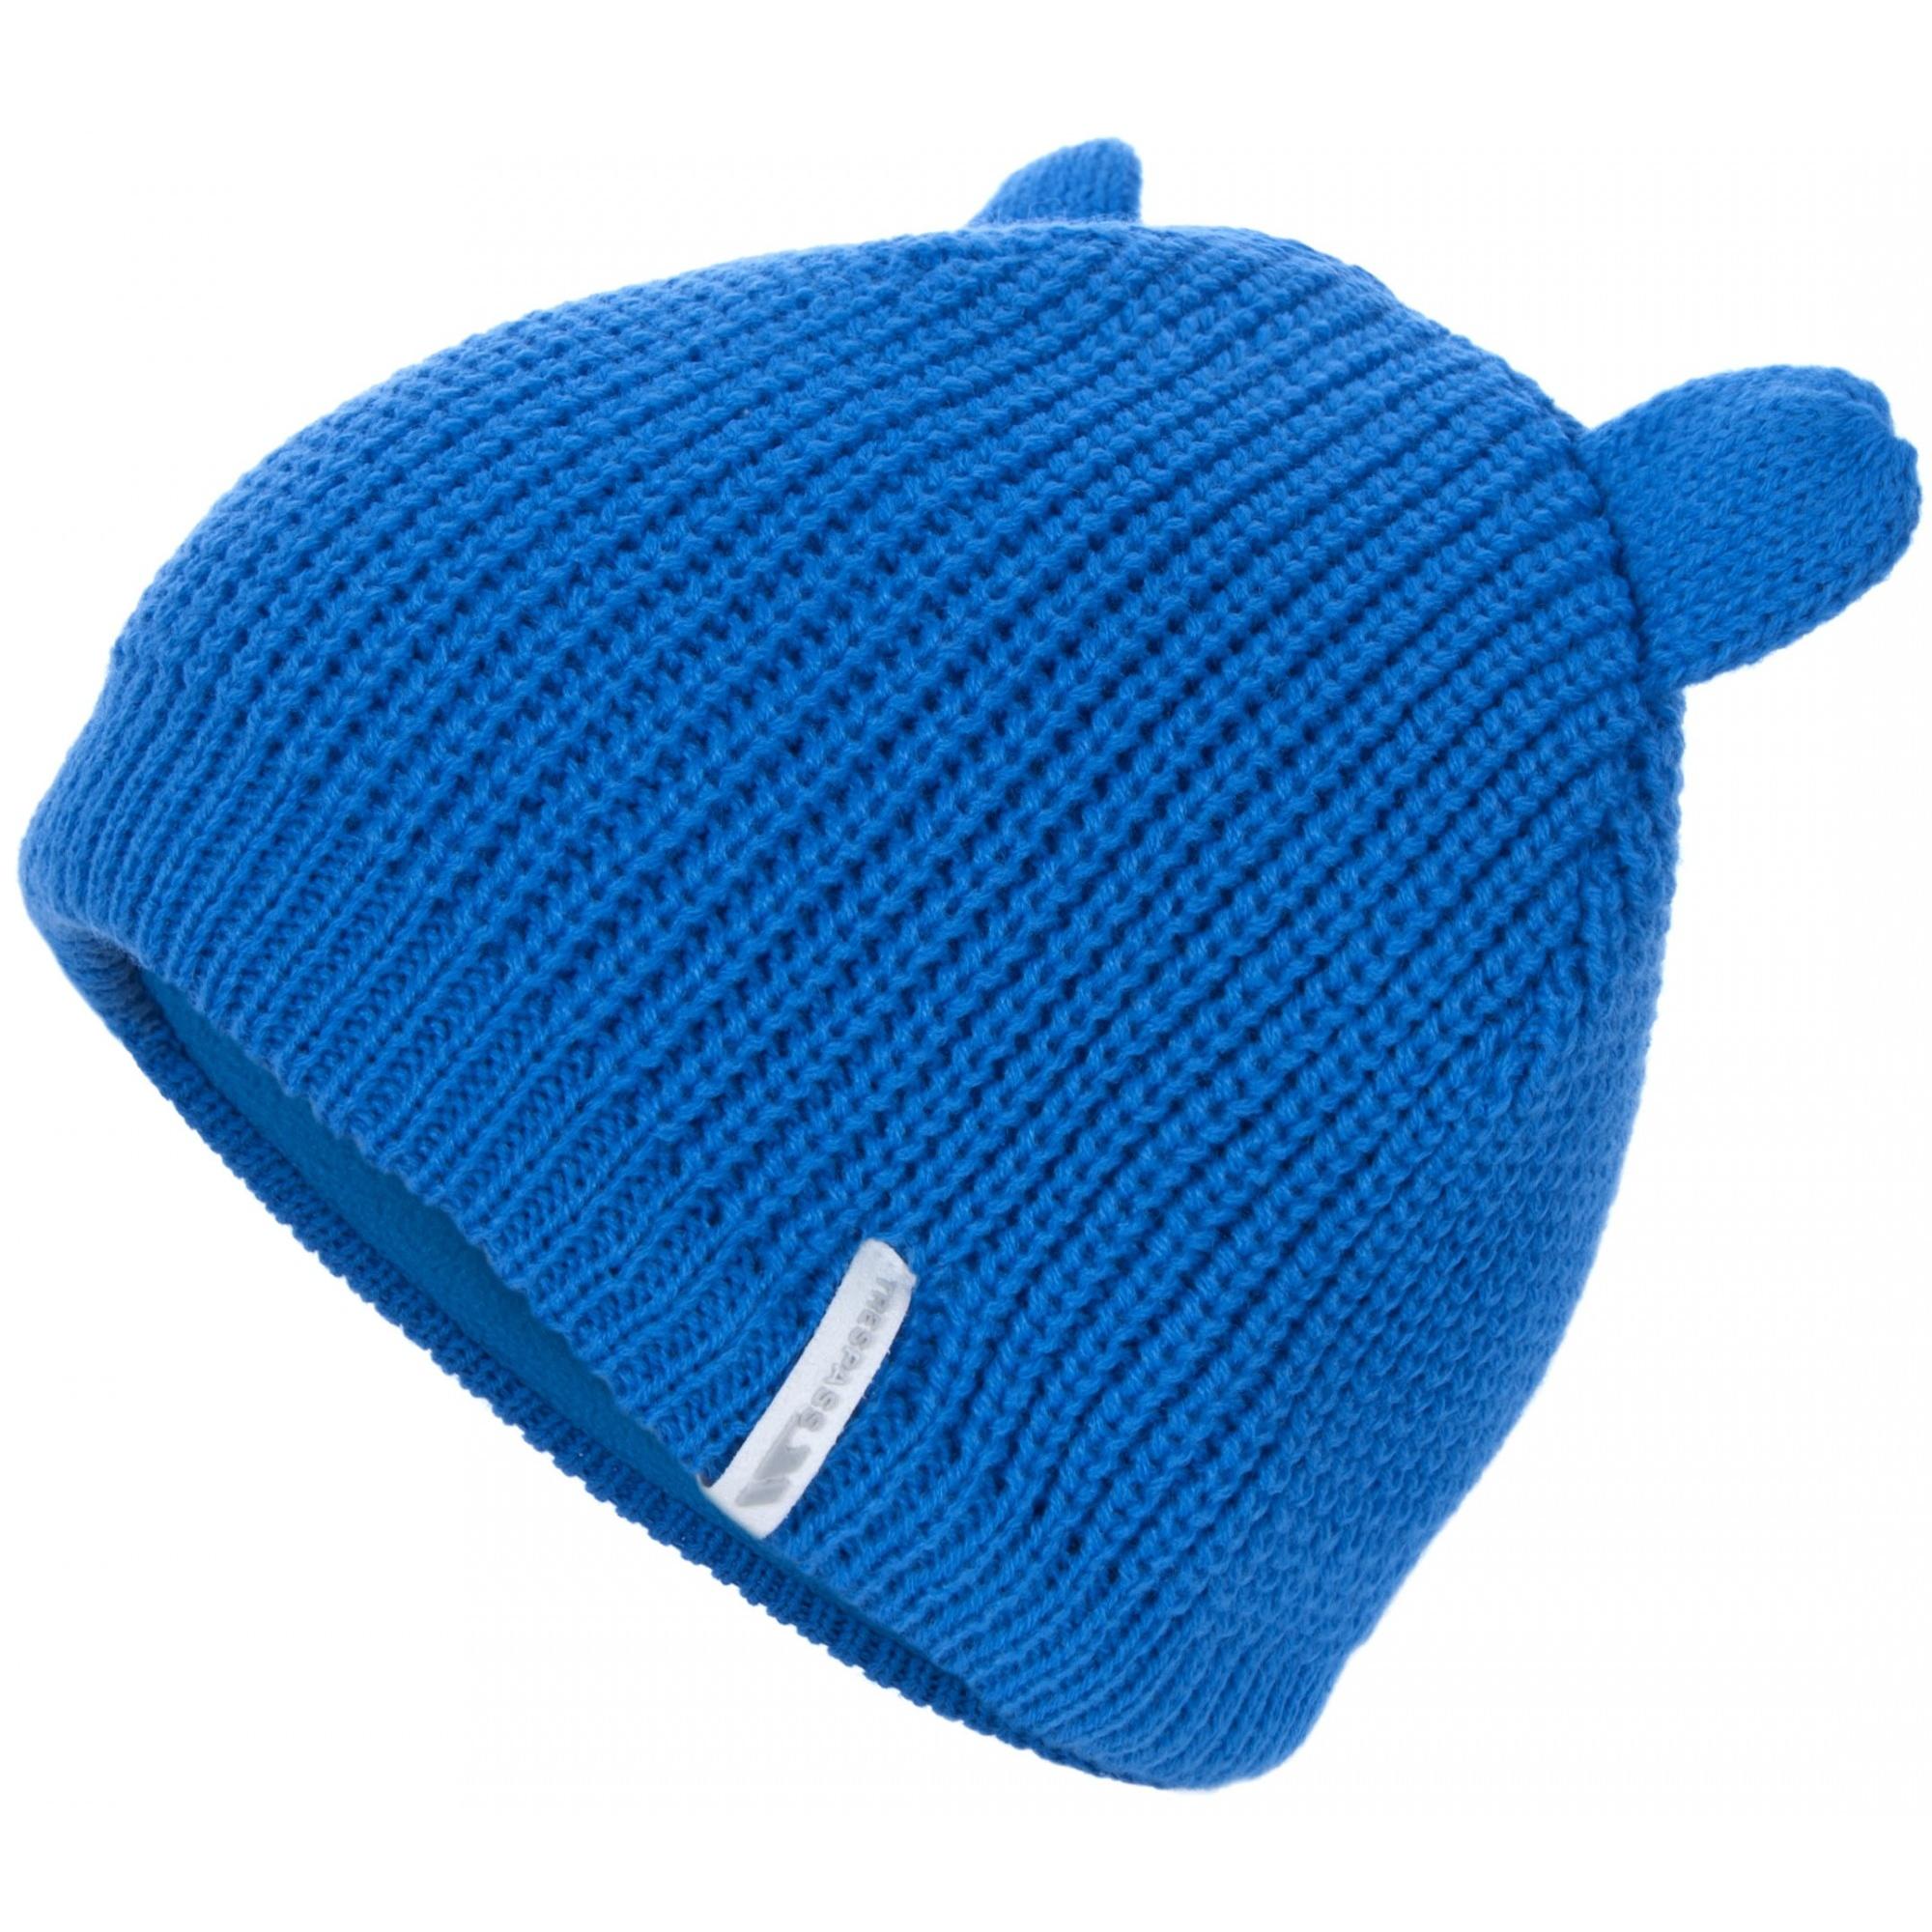 Trespass Cobalt Beanie Blue